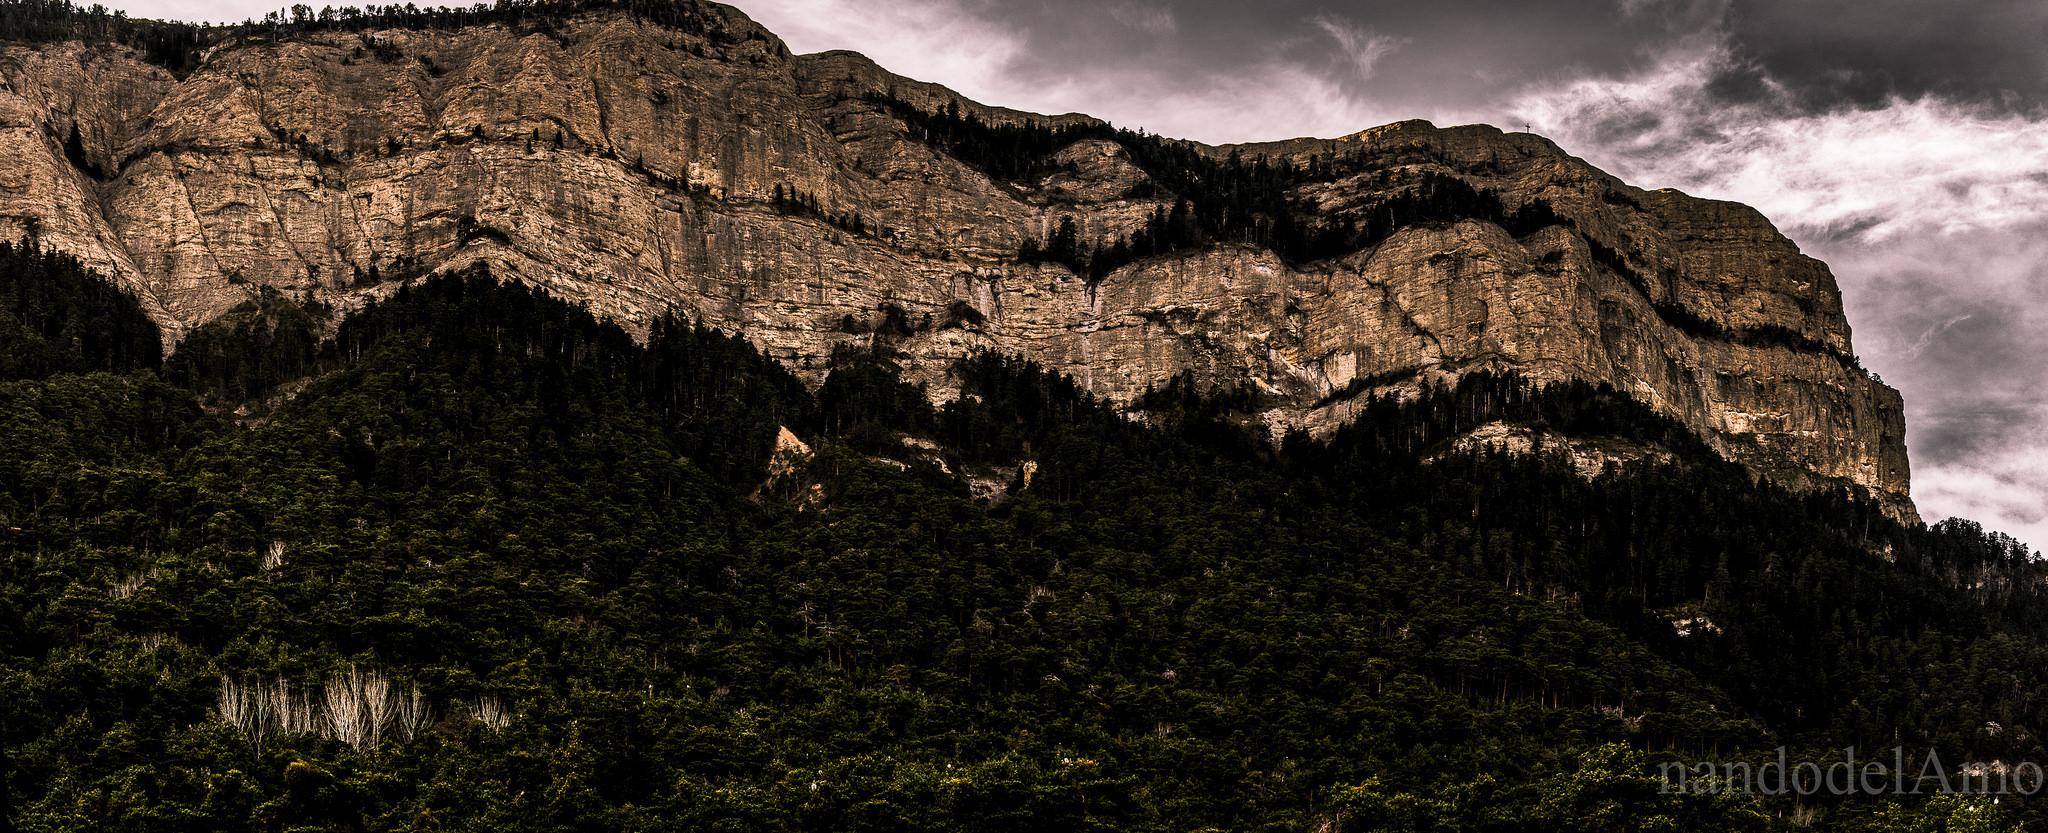 Excursión a la Peña Oroel y Contempla el Pirineo a tus Pies 🙌